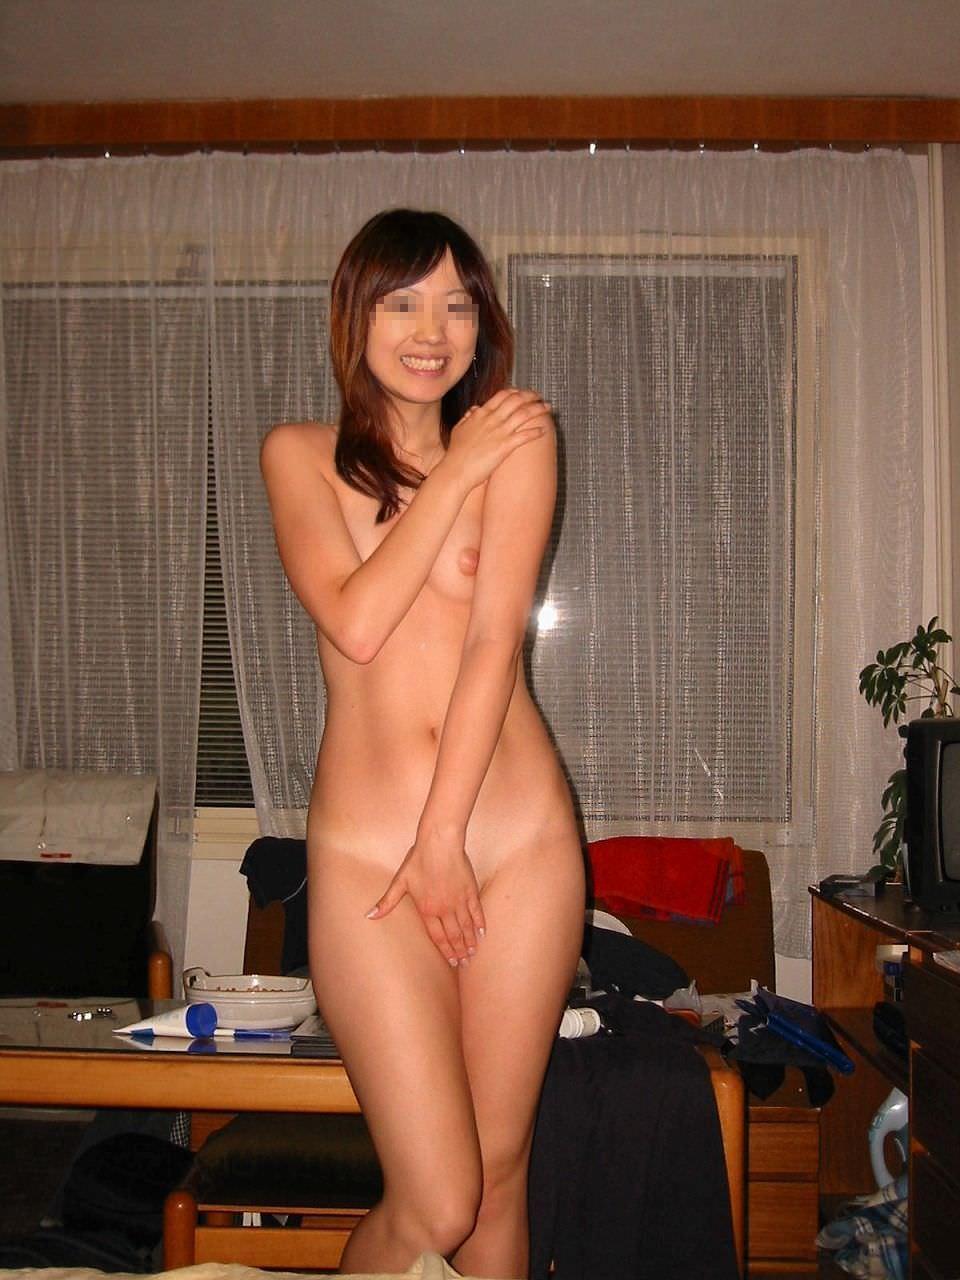 自宅で撮った素人娘の美巨乳ってなかなか貴重よな!!! 1020